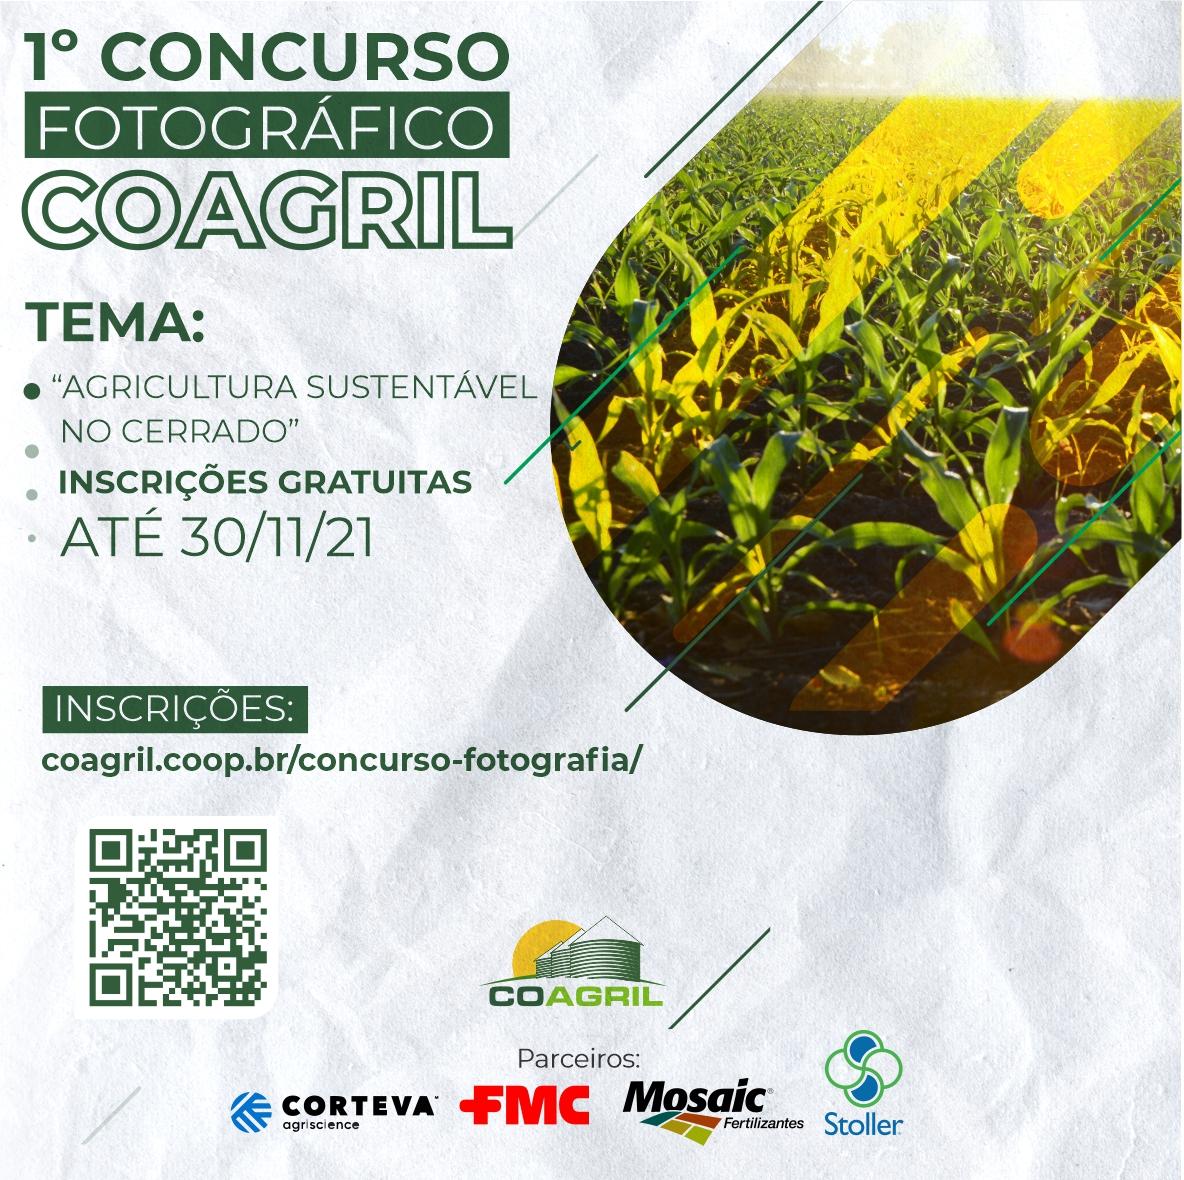 Concurso Fotográfico Coagril